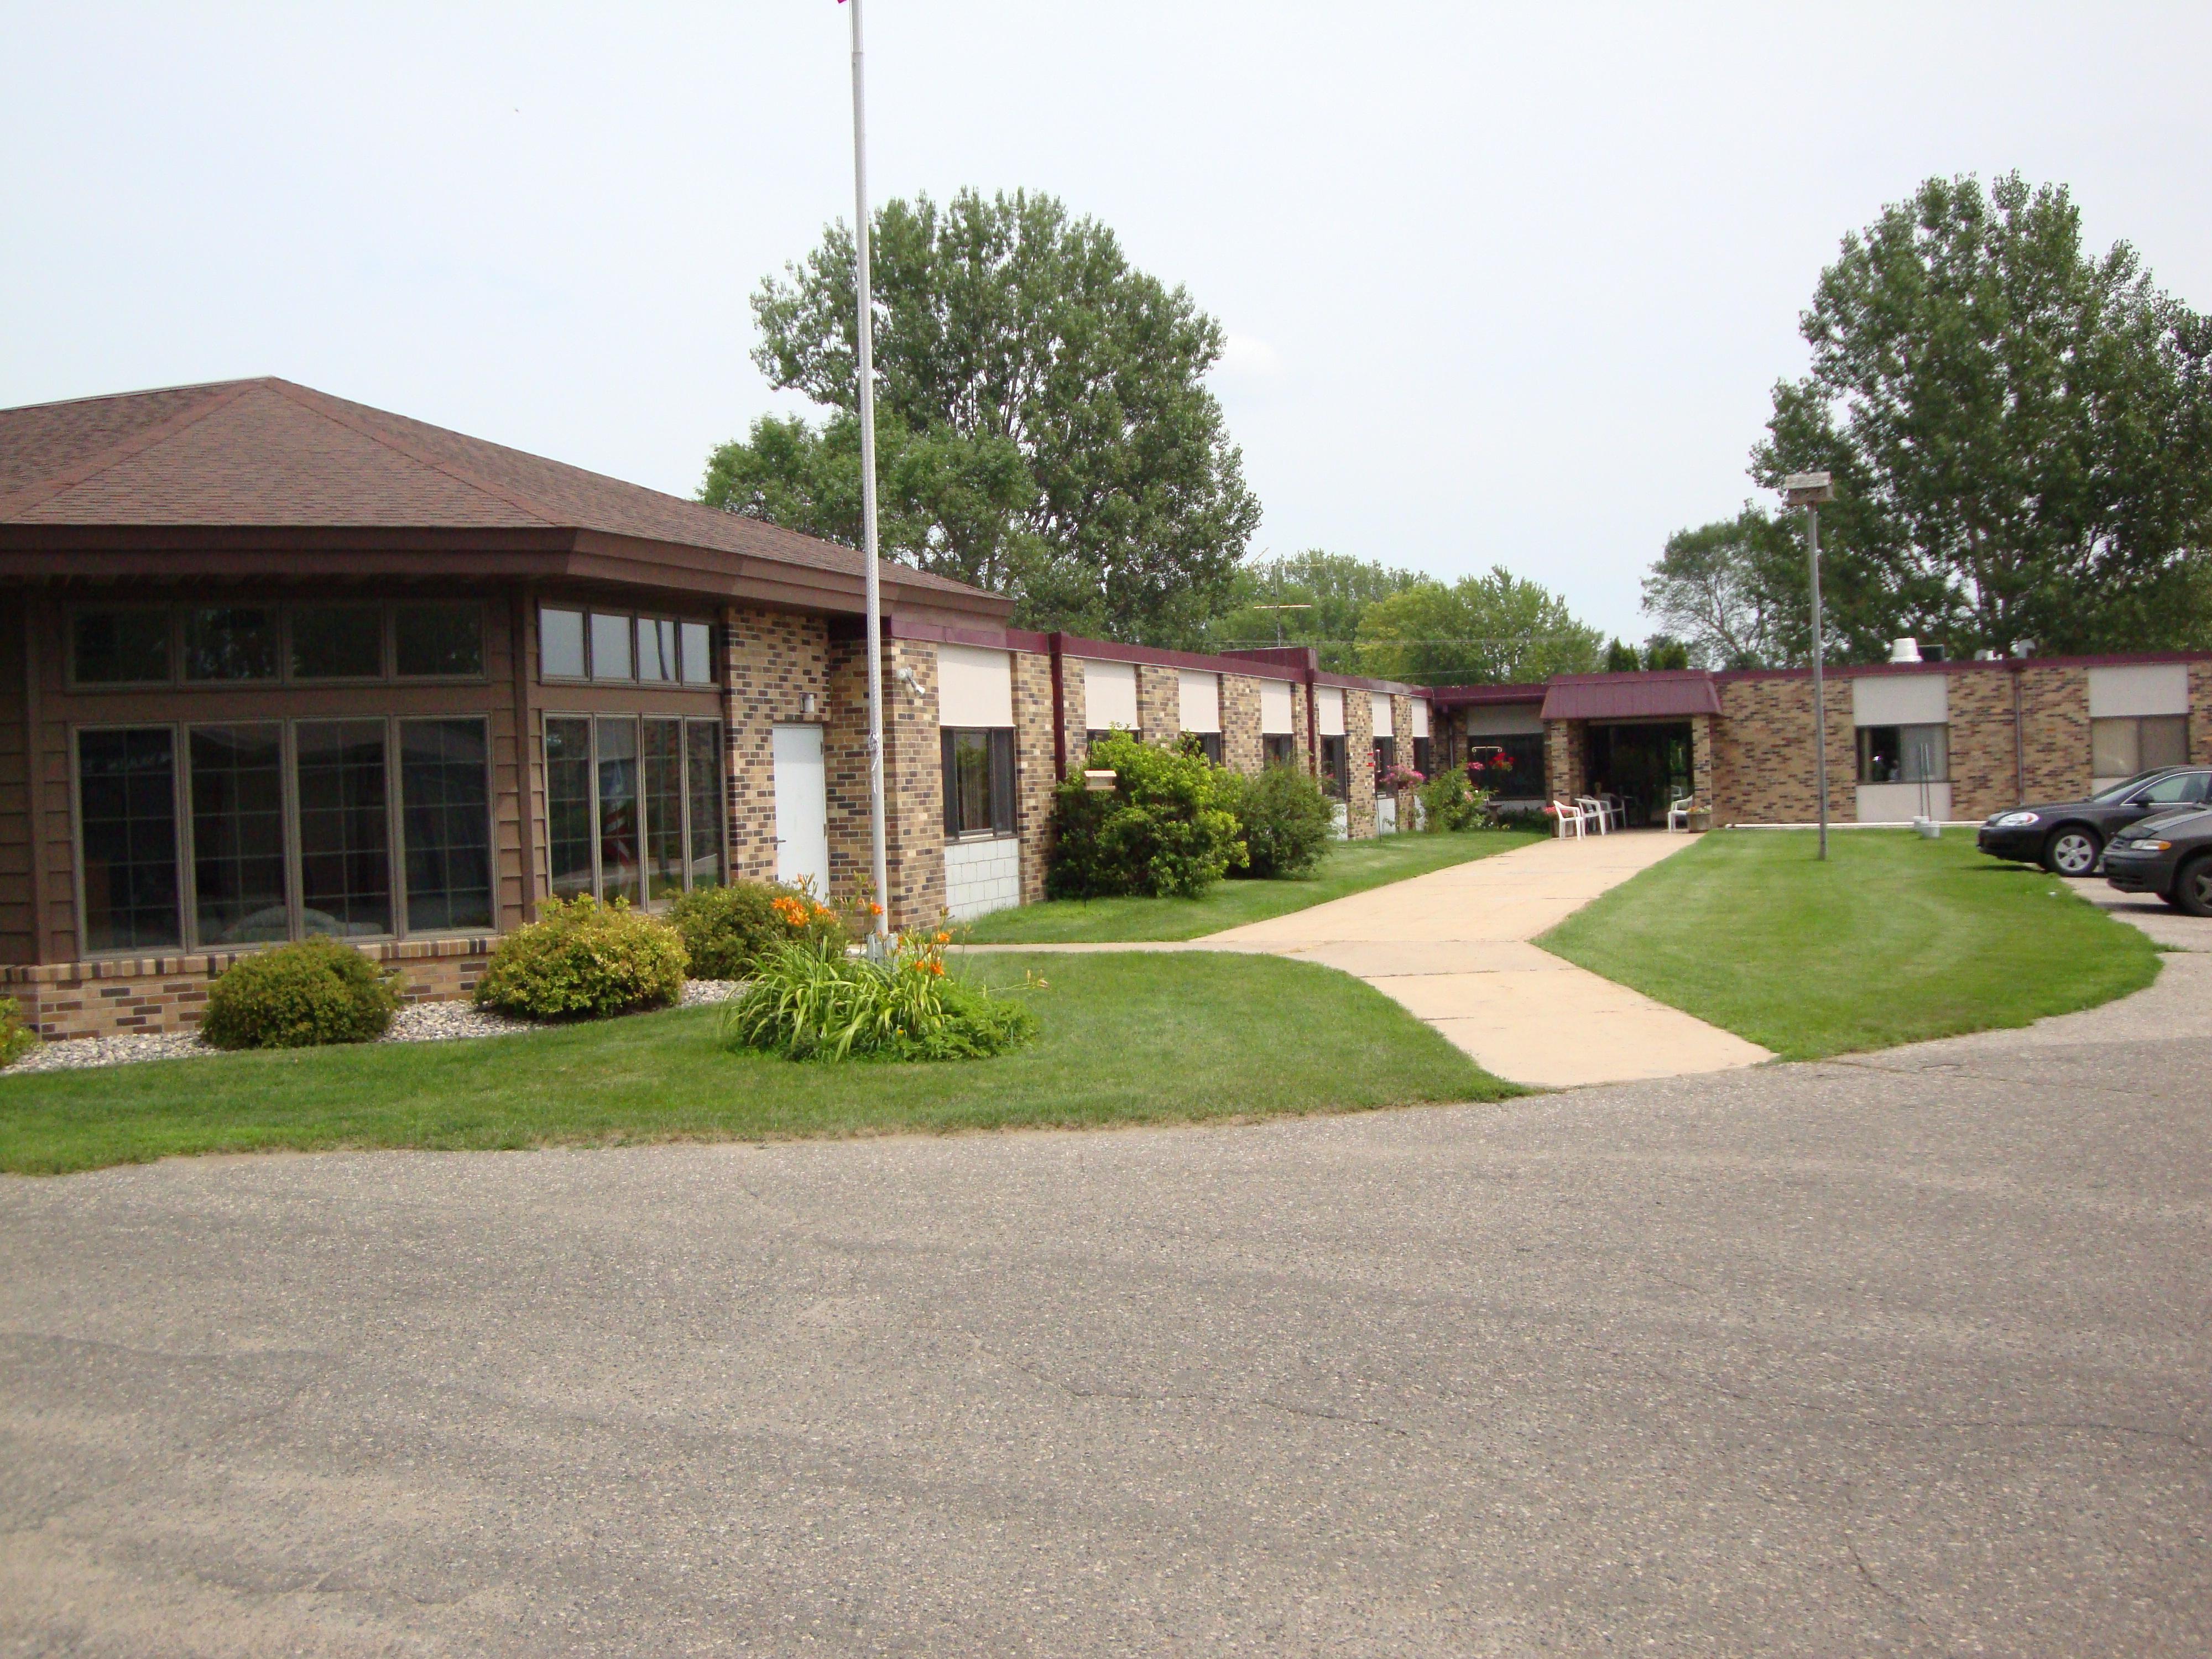 Evansville Care Campus